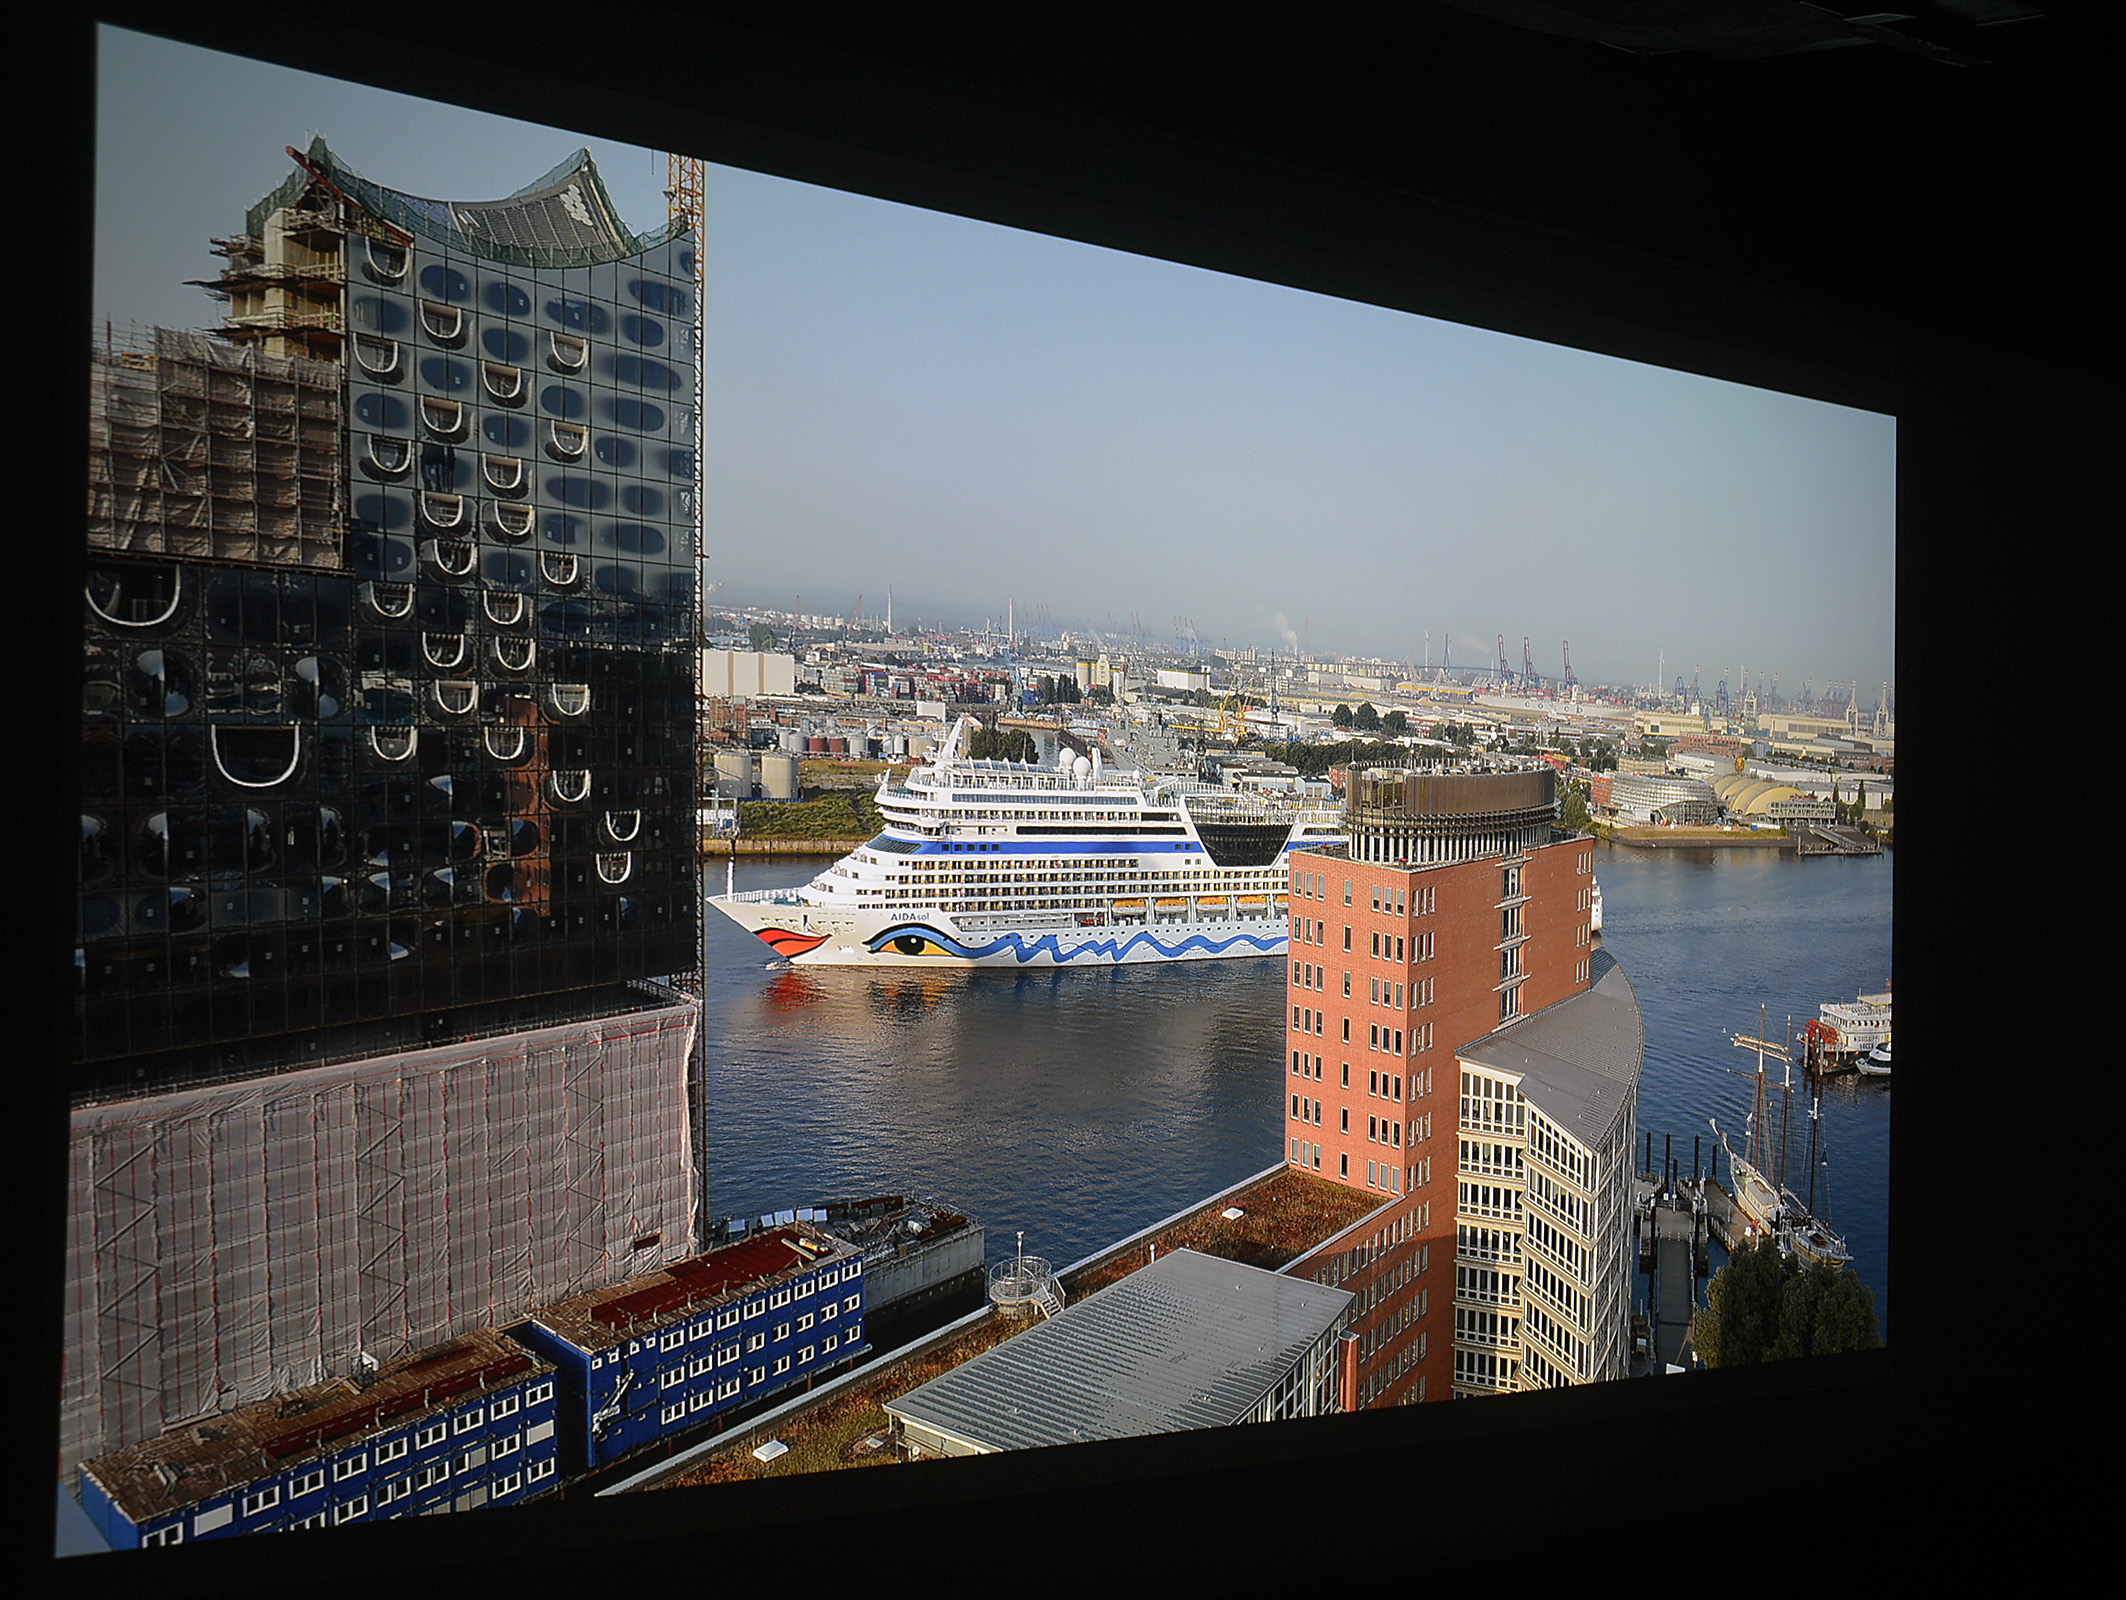 """Foto: Michael B. Rehders Das in UHD-Auflösung zugespielte Foto vom Hamburger Hafen, auf dem die """"Aida Sol"""" die Elbe hinauf fährt, wird ein wenig kontrastarm dargestellt. Ein Helligkeitsabfall zu den Seiten ist im Grunde kaum auffällig. Dafür sehen die Farben natürlich aus. Umwerfend ist darüber hinaus die Schärfe. Feinste Details sind erkennbar."""